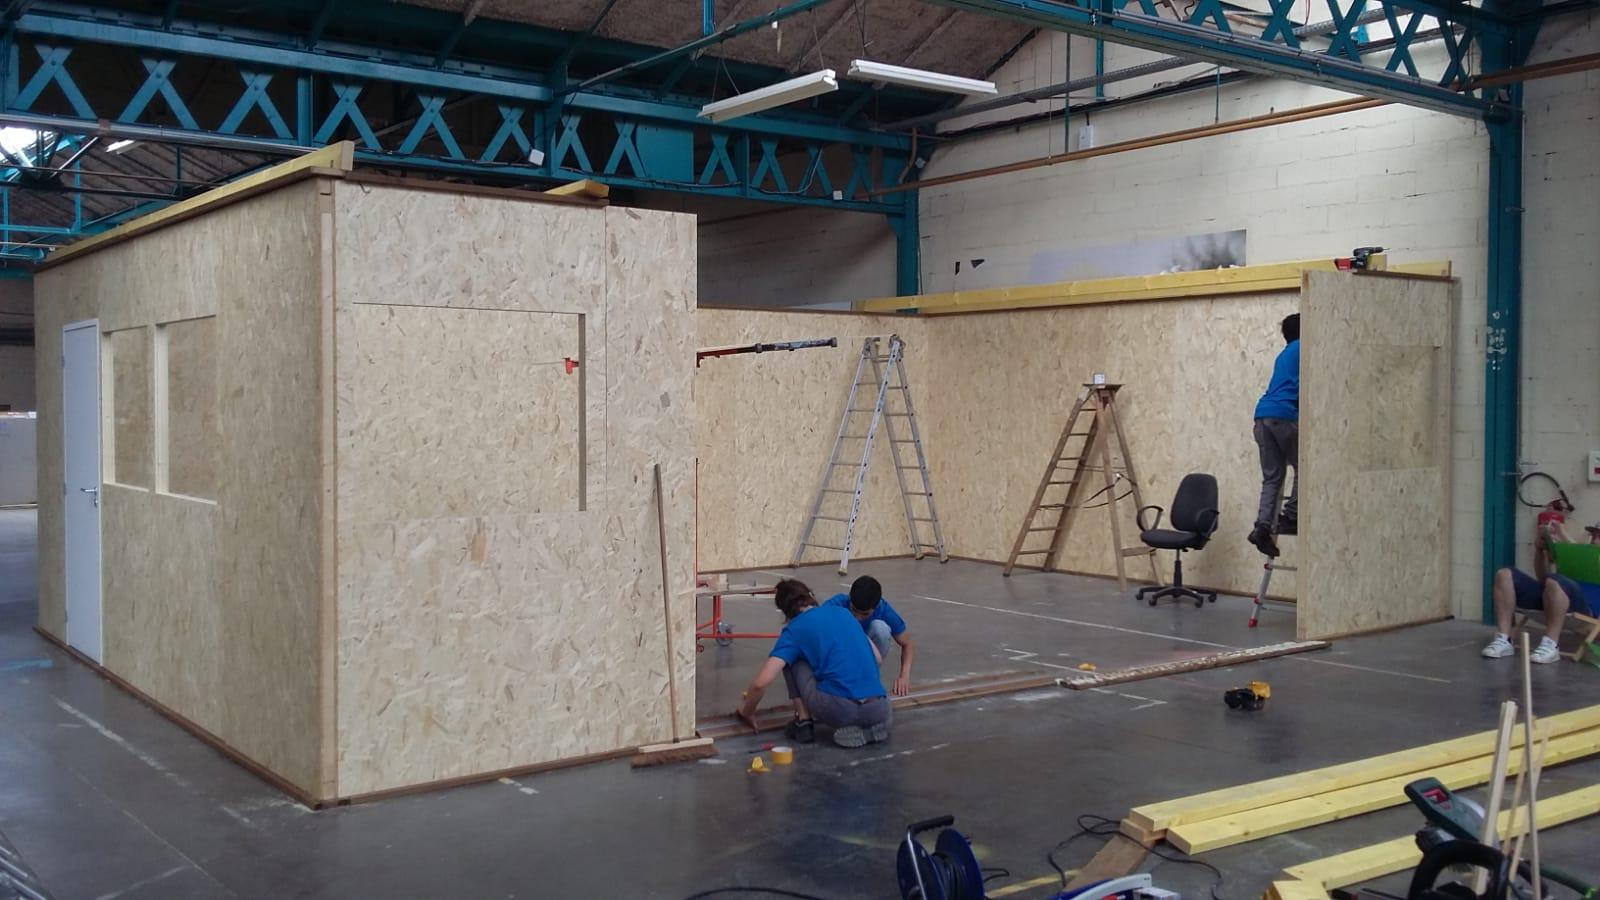 Travaux d'installation de l'Ecole urbaine de Lyon aux Halles du Faubourg